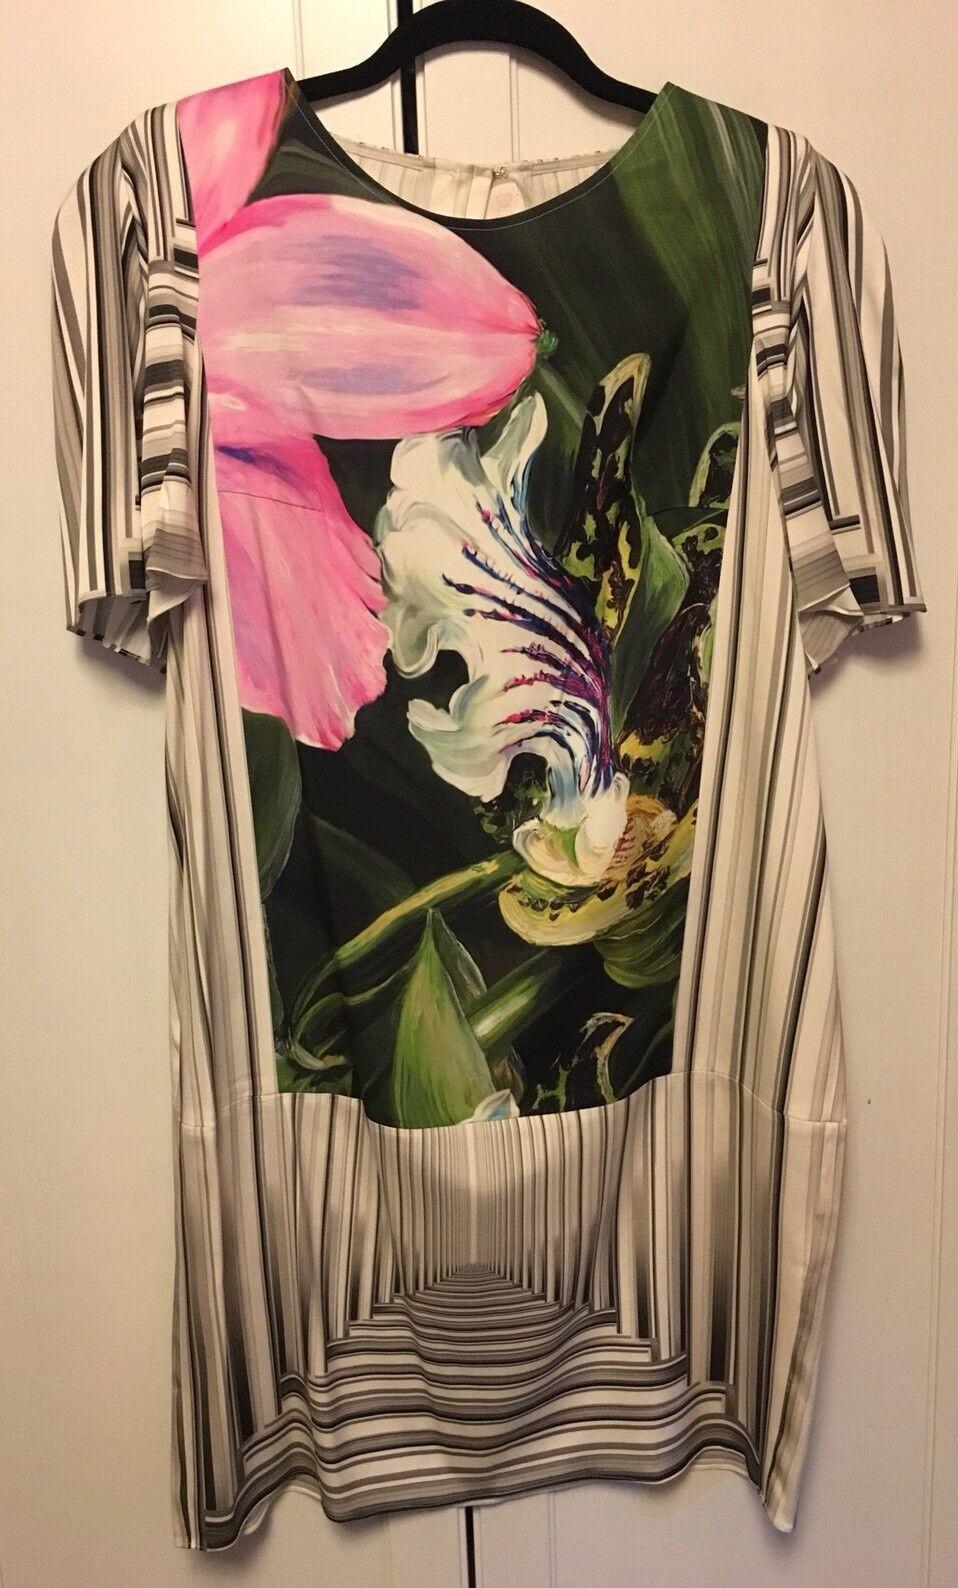 Peter  Pilotto Seda Abstracto Flor Vestido Shift-tamaño nos 10-Nuevo sin etiquetas  1100  tienda en linea